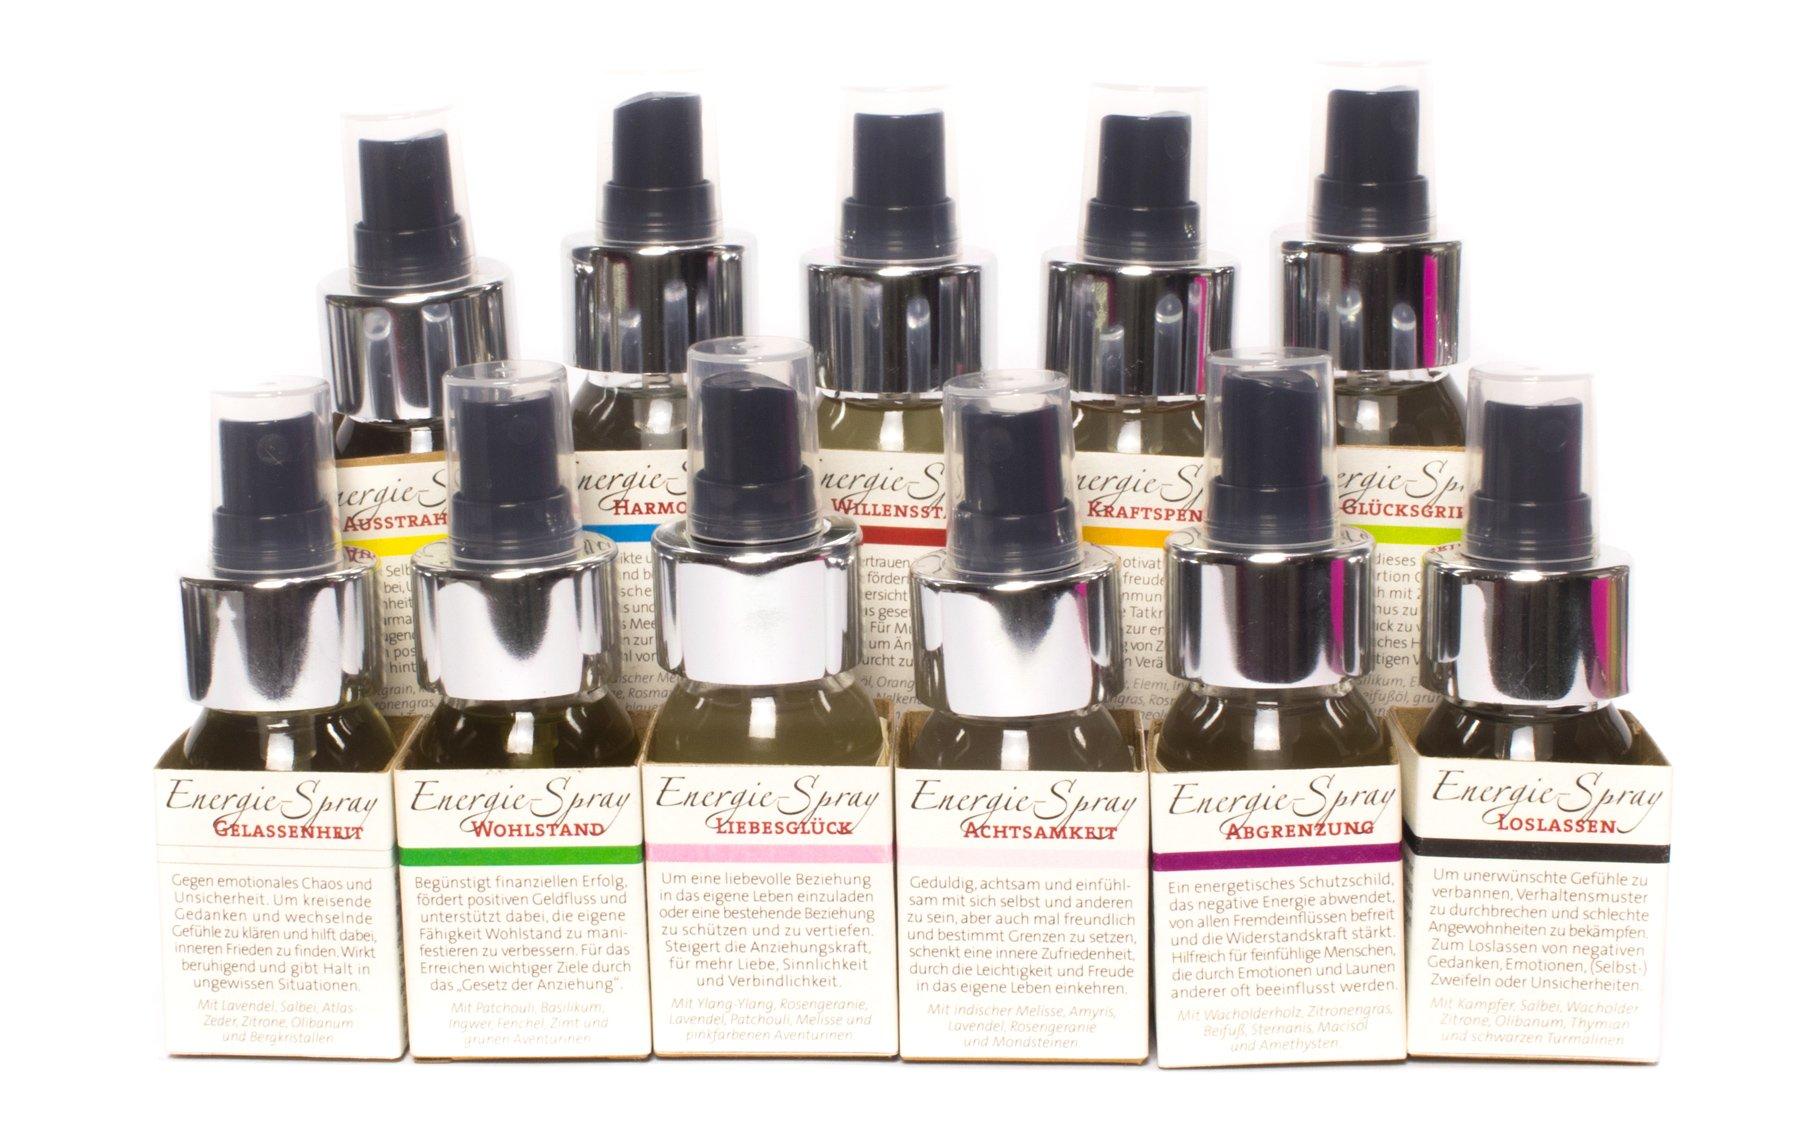 Energie-Sprays mit ätherischen Ölen und Steinen